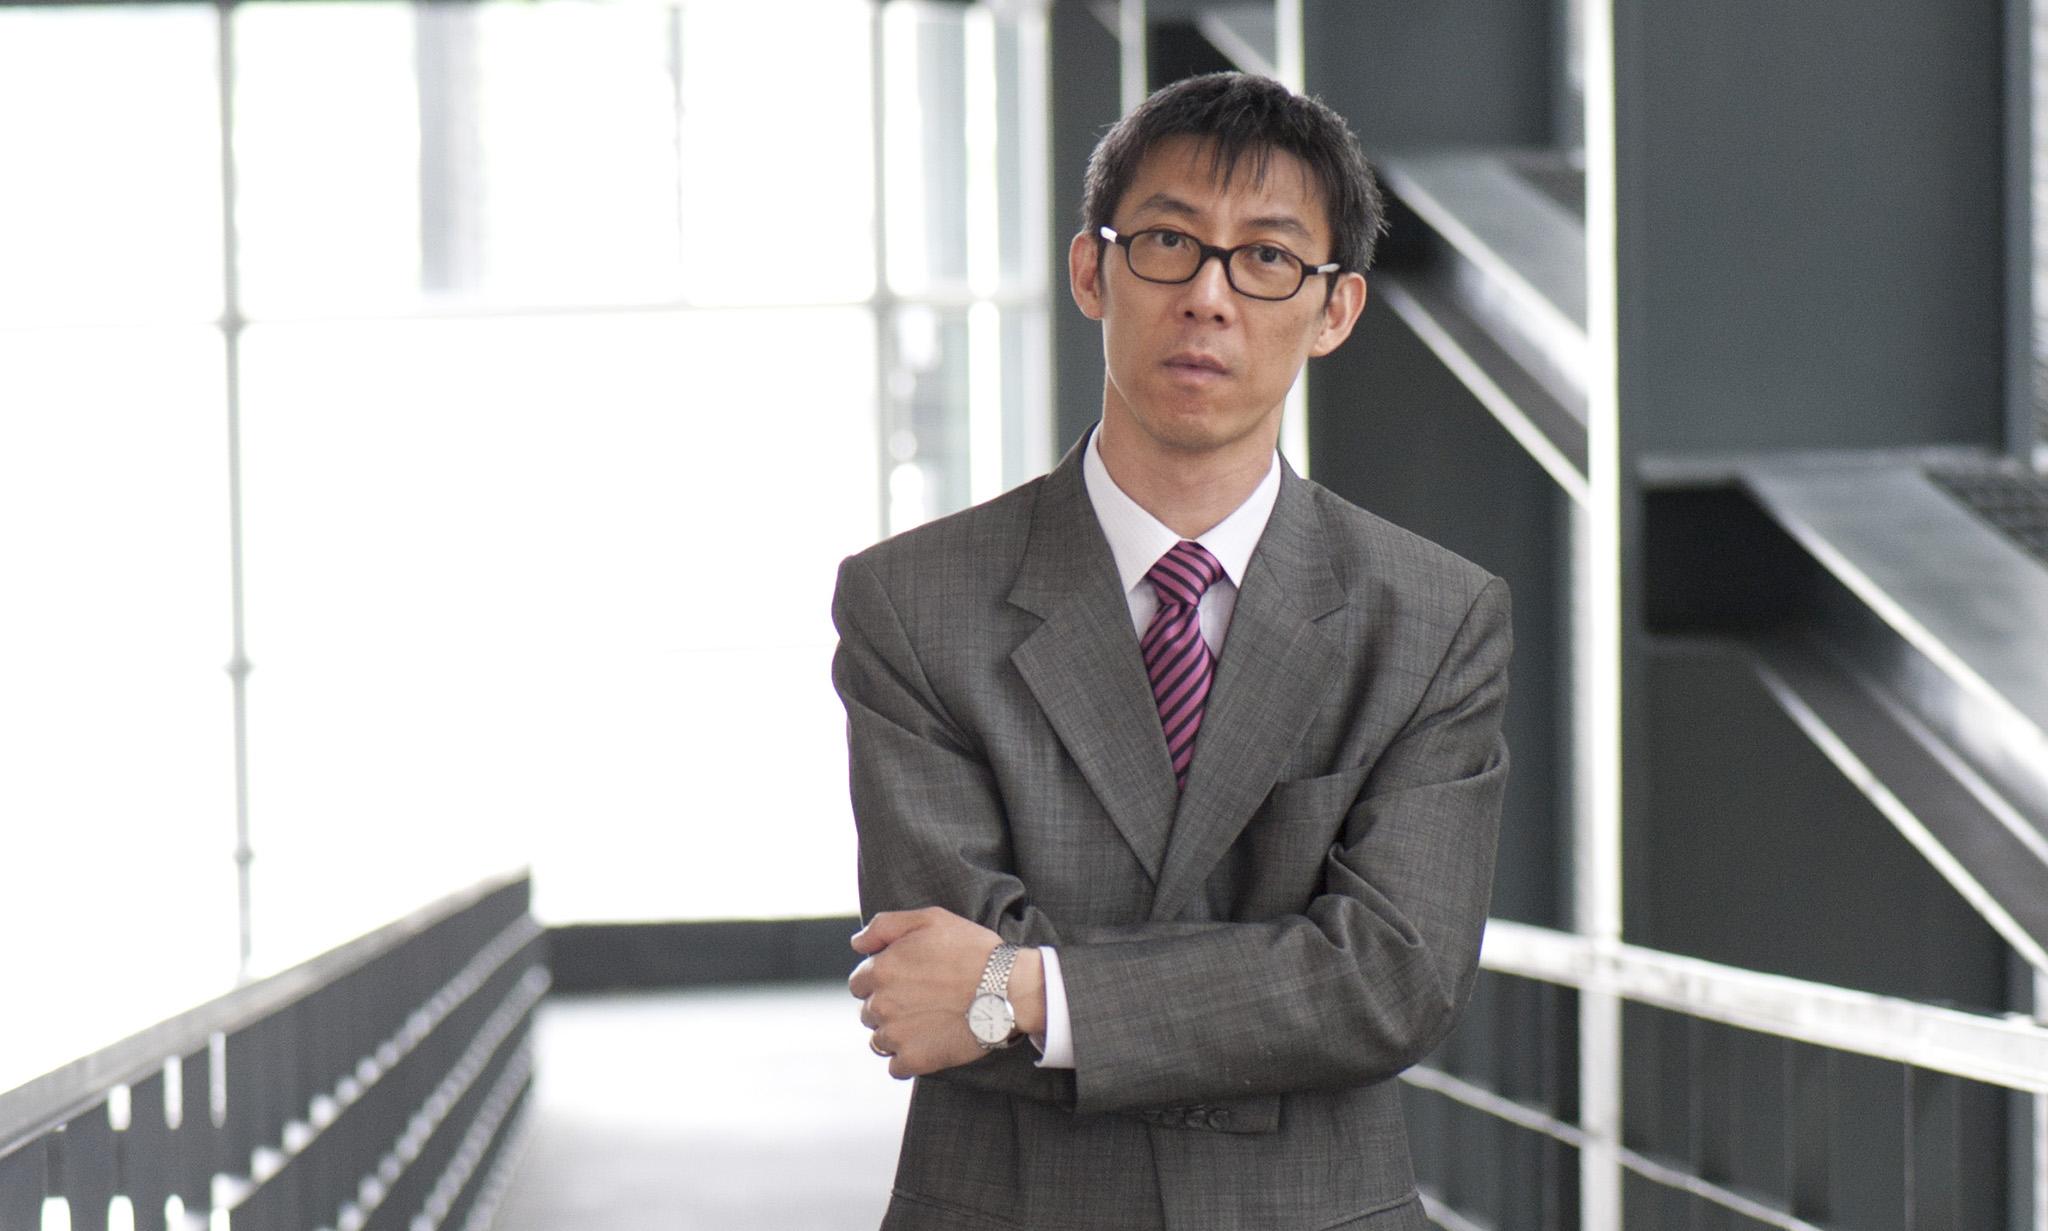 IC | Museu de Arte de Macau muda de director. Já há um novo responsável